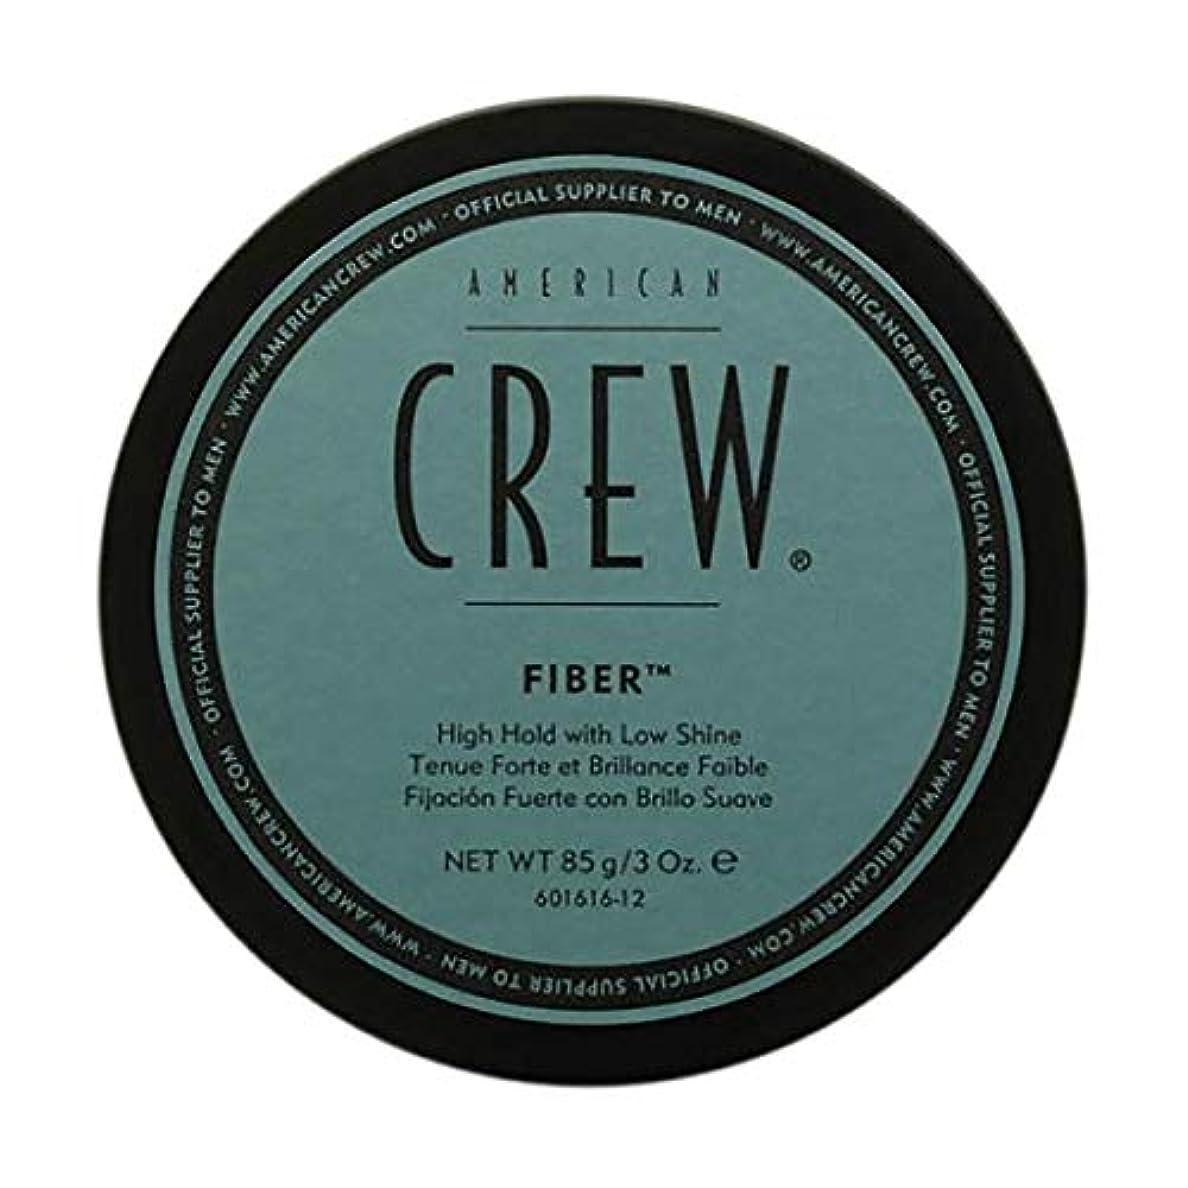 ピストン芝生自明アメリカンクルー クラシック ファイバー American Crew Fiber 85g [並行輸入品]